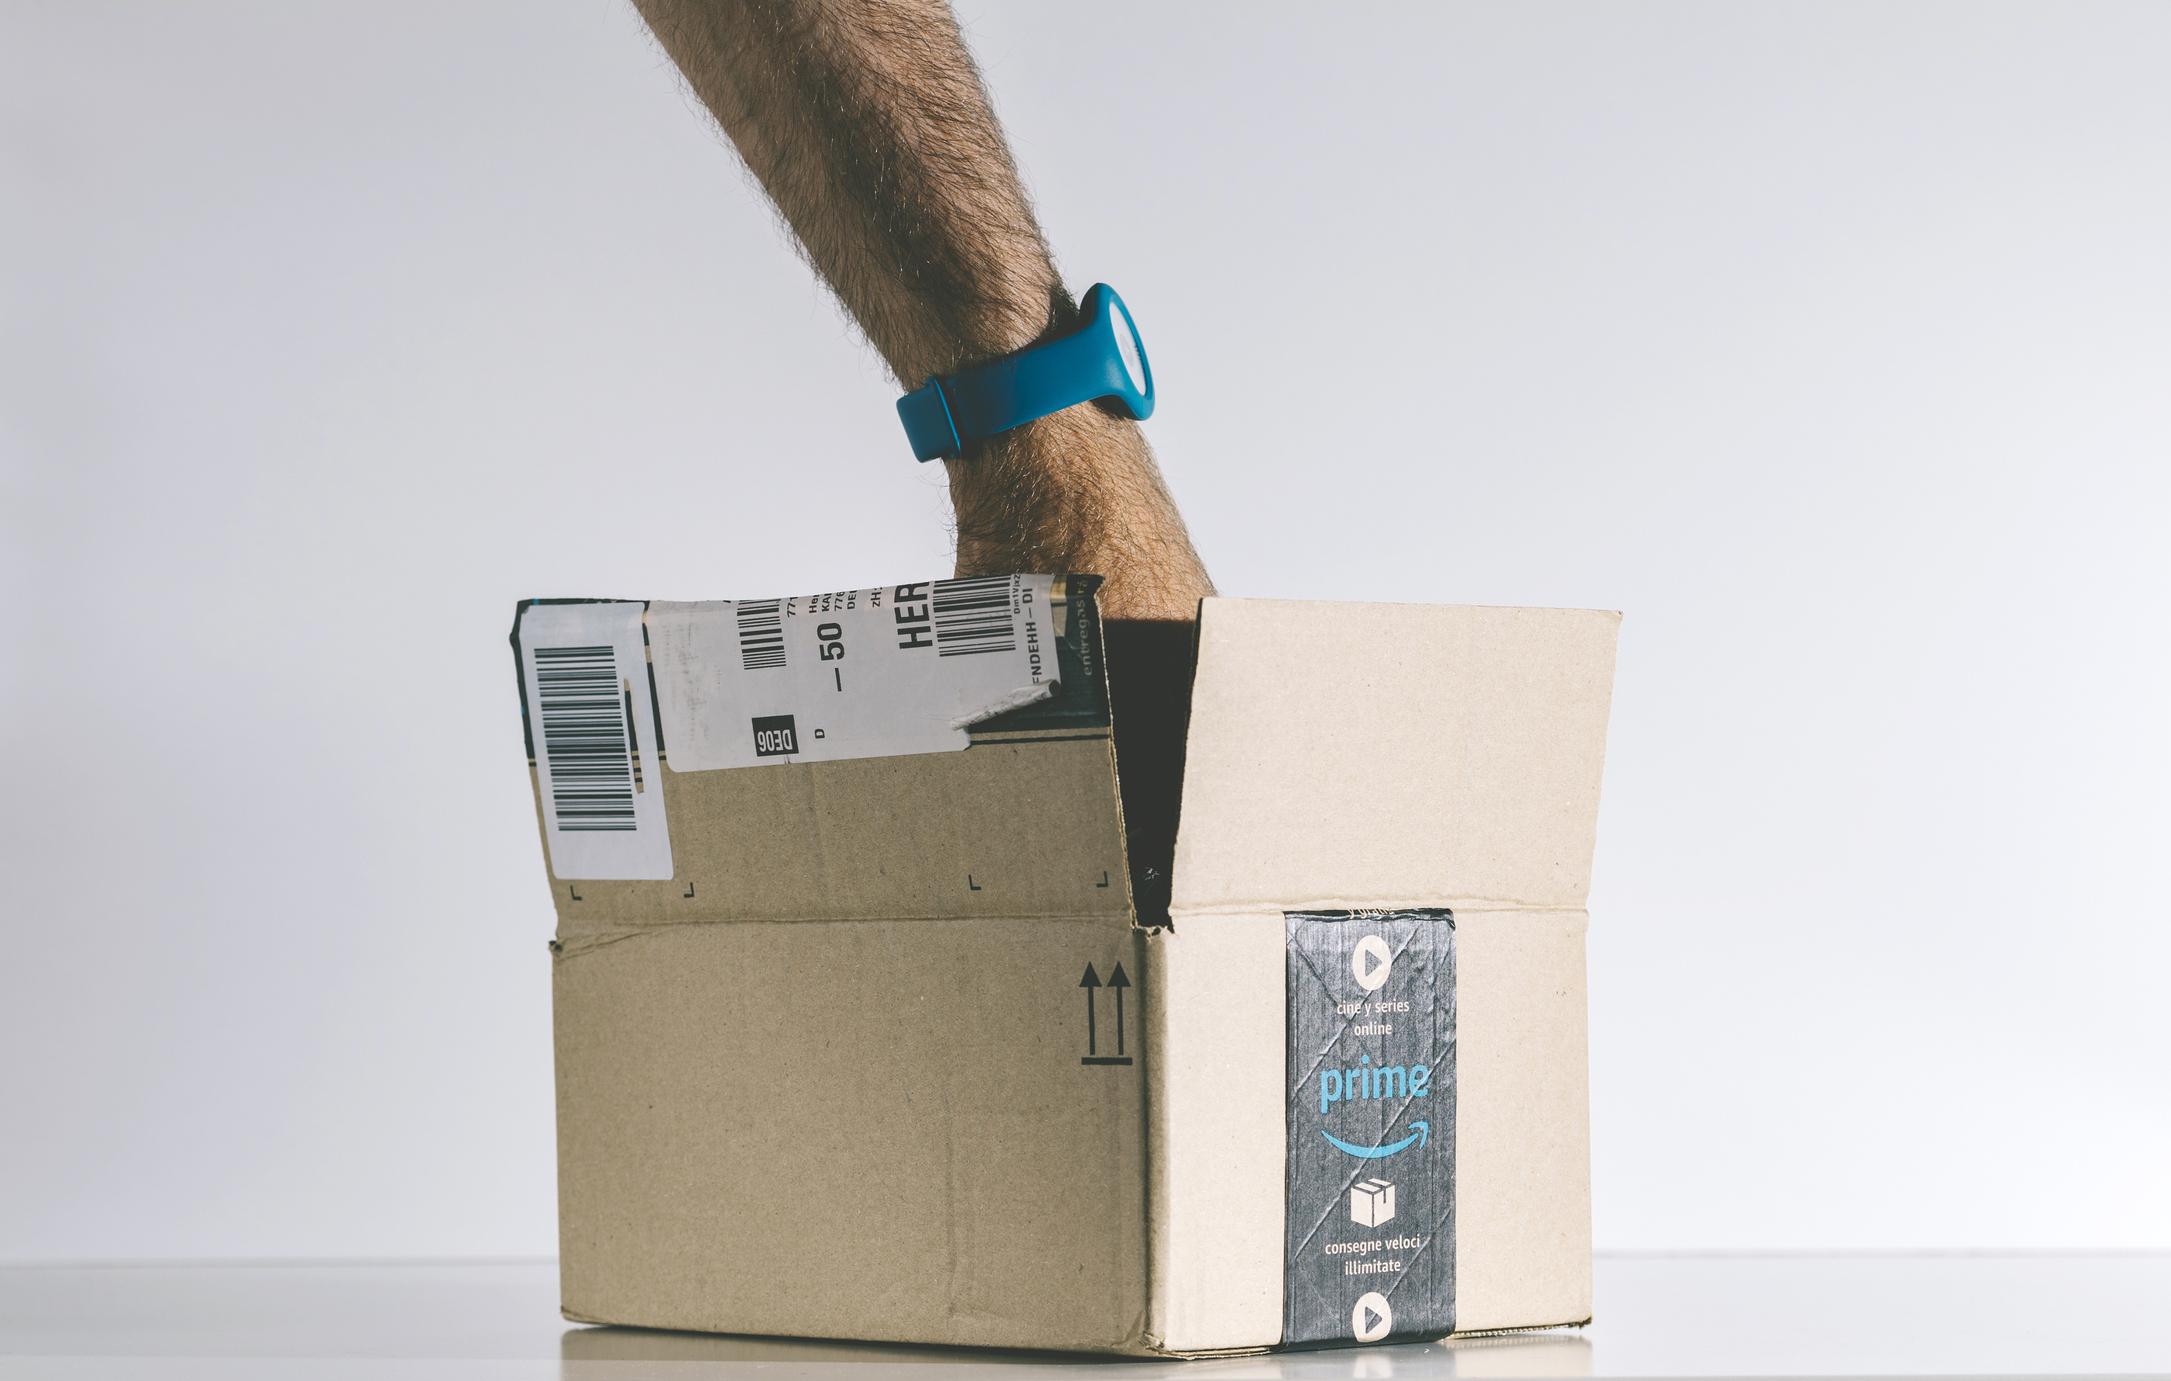 reaching into Amazon Prime box